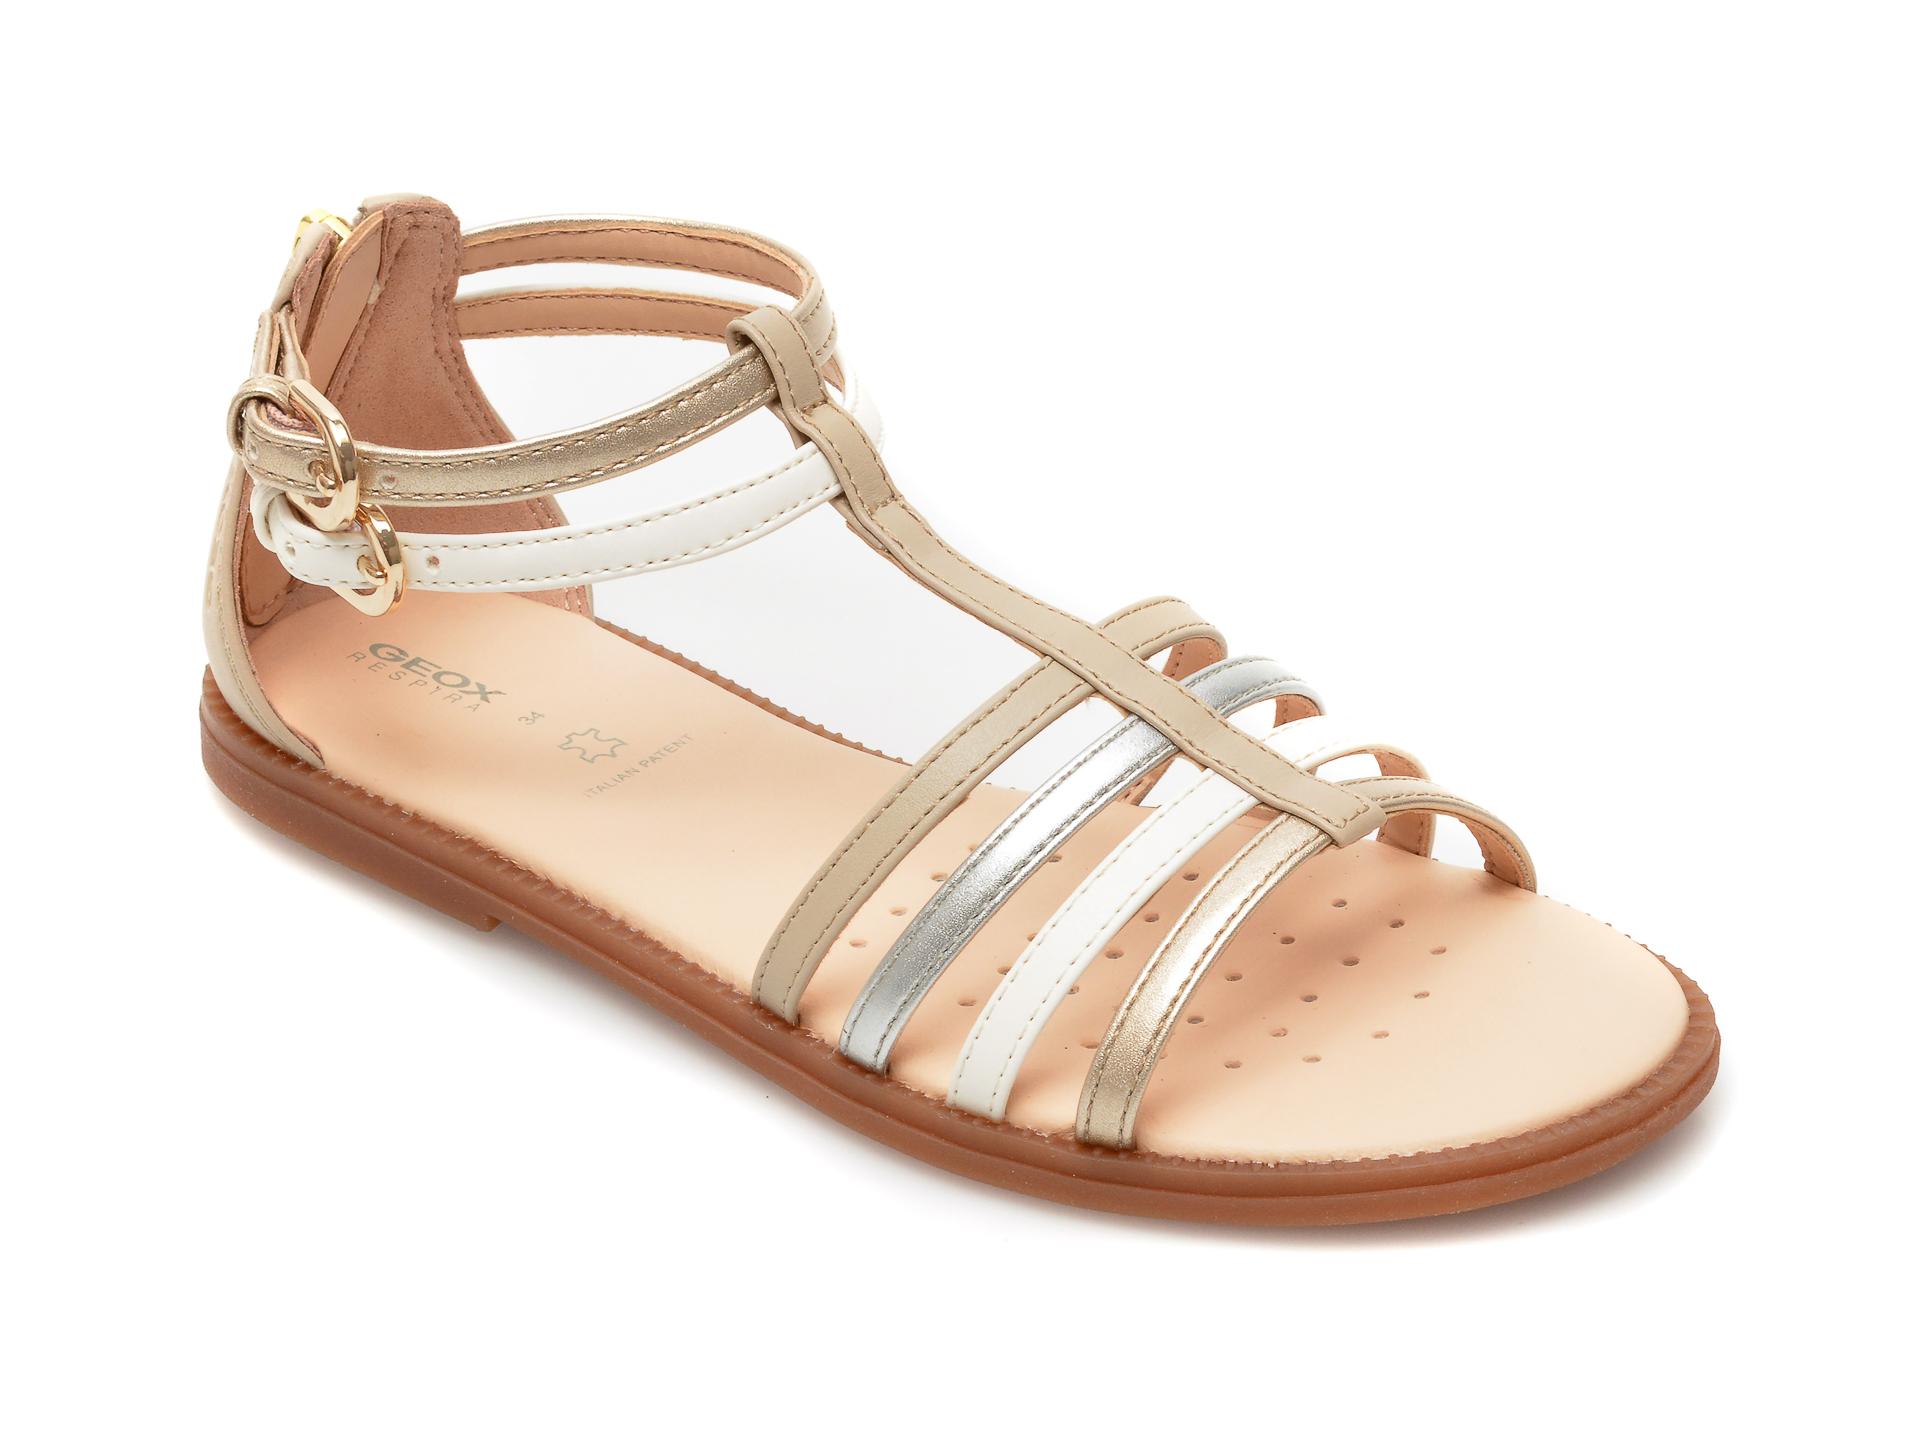 Sandale GEOX bej, J7235D, din piele ecologica